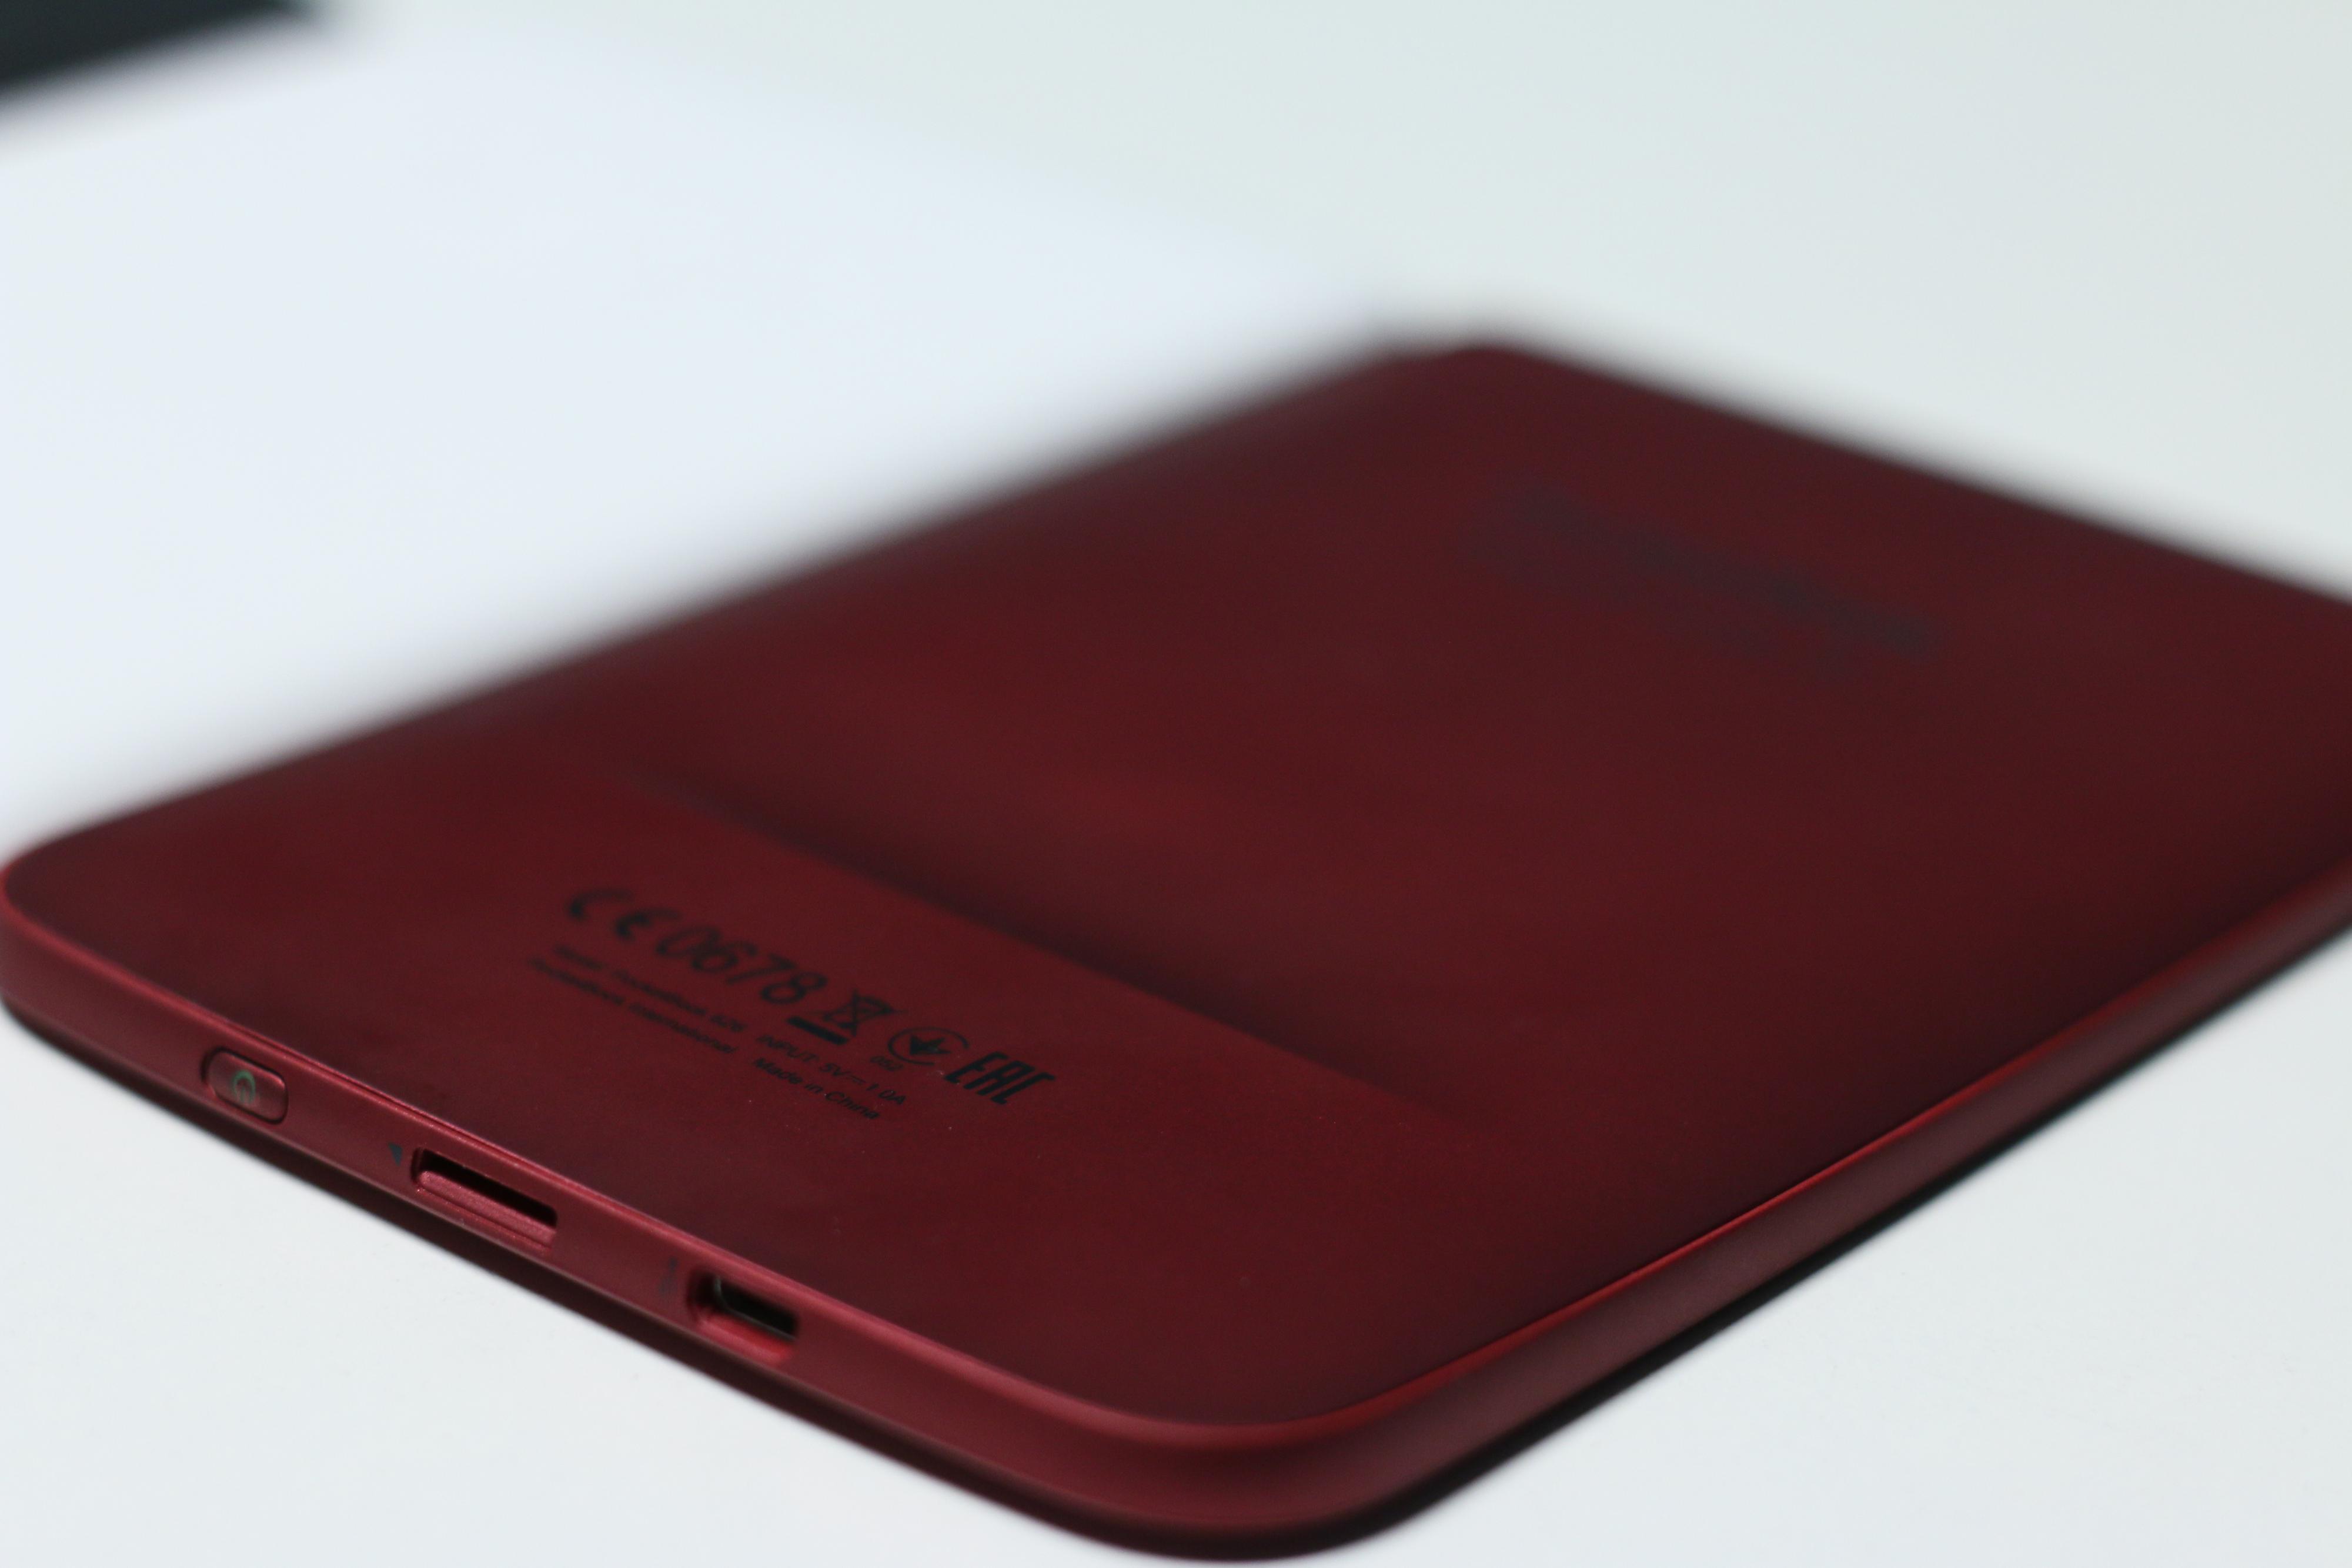 Den vesle kurven på baksiden av PocketBook sikrer at den ikke glir ut av hendene dine når du holder den over lengre perioder – til tross for det glatte materialet.